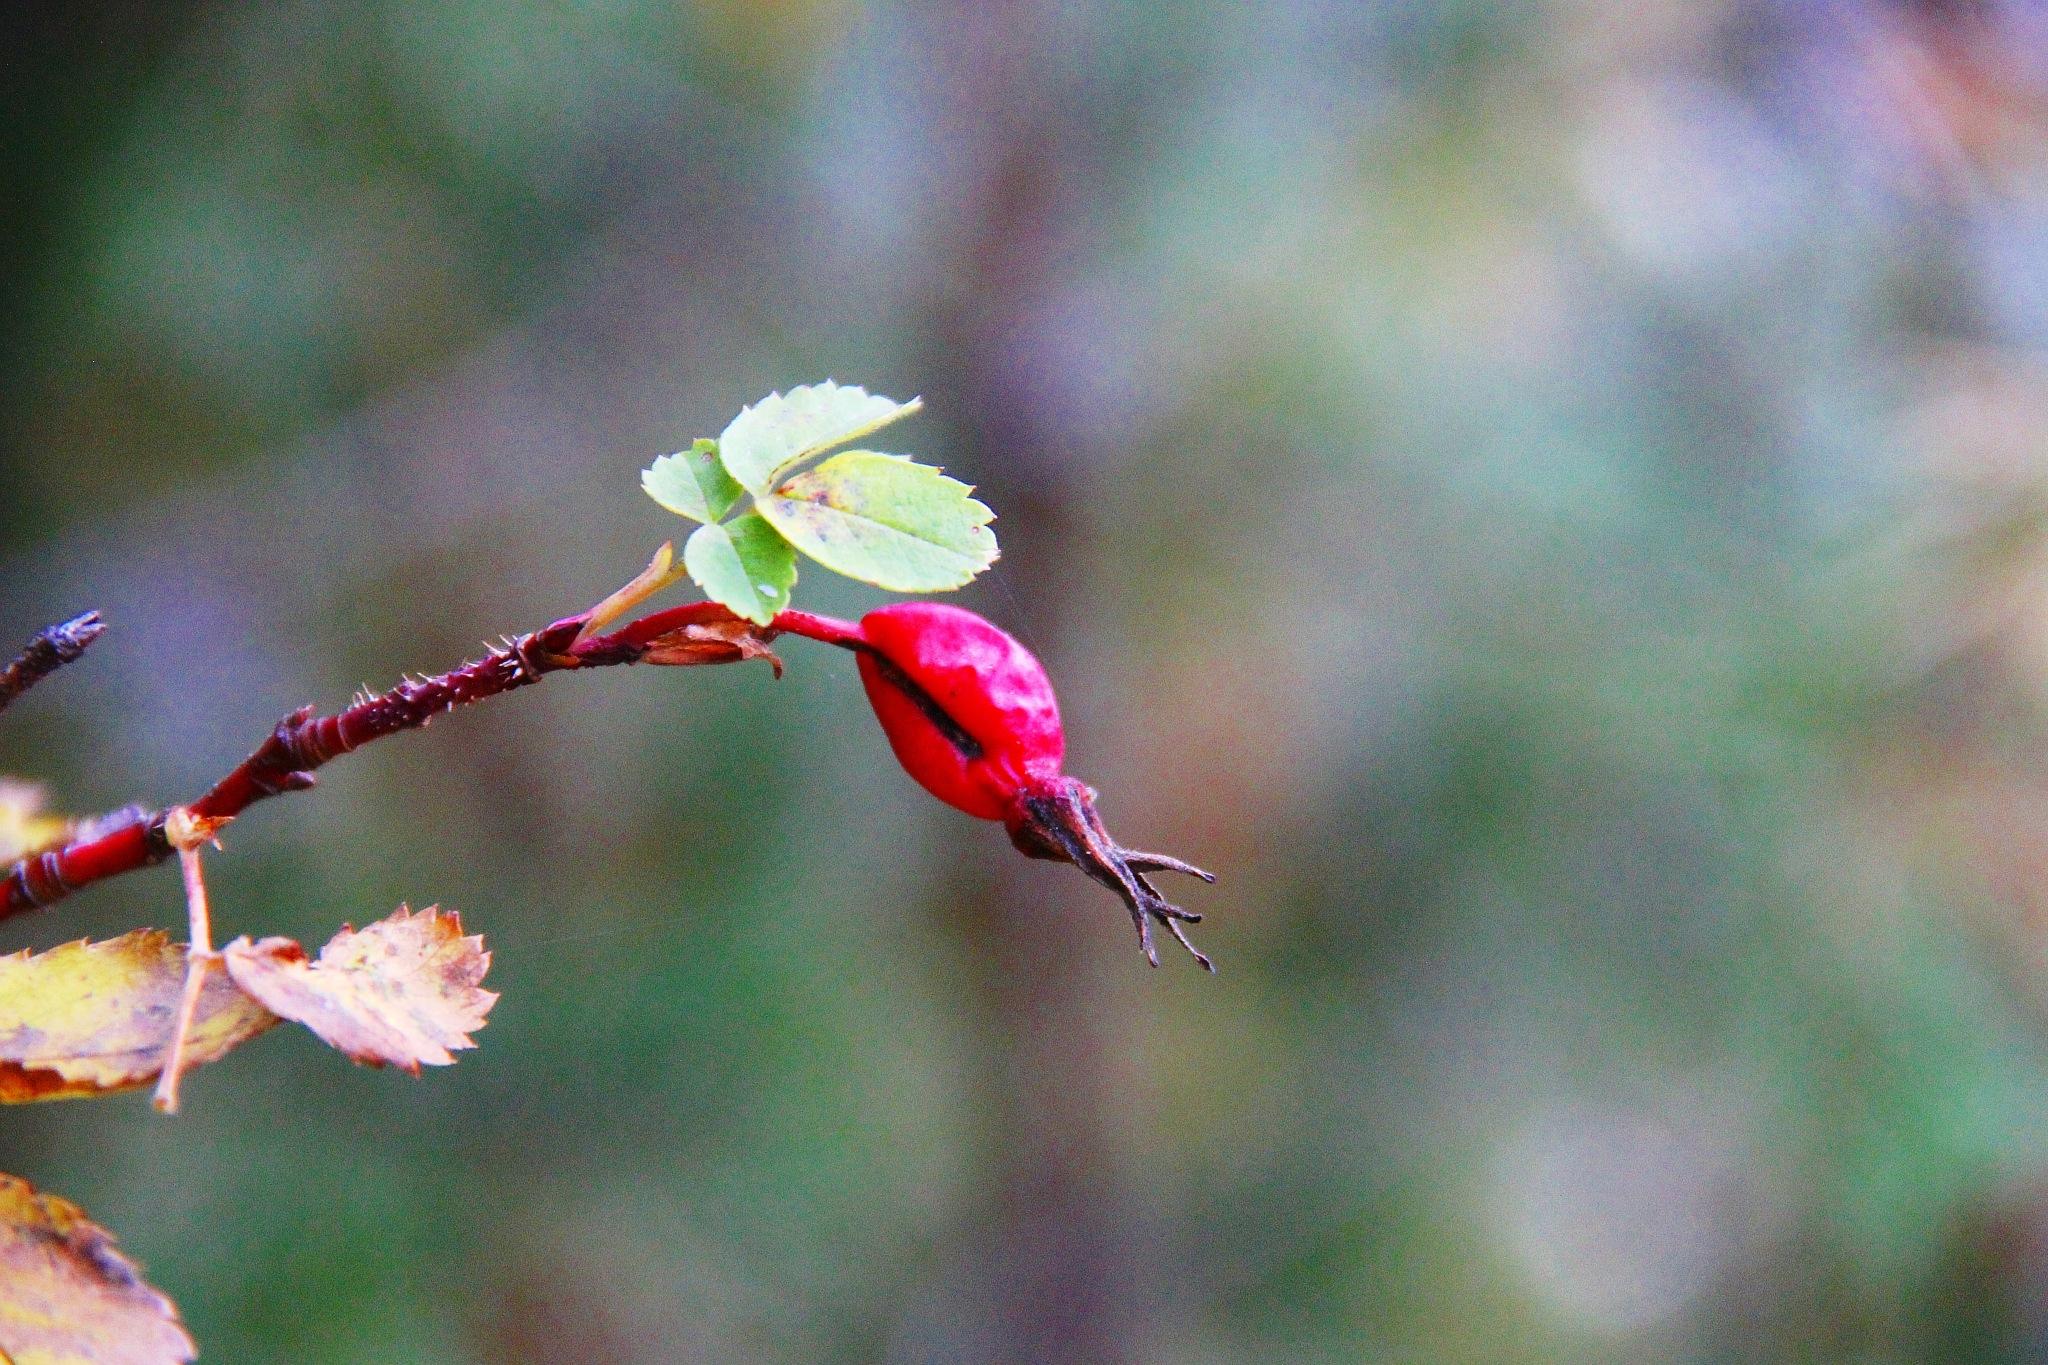 Purple berry a dogrose by sergey.parfeniuk